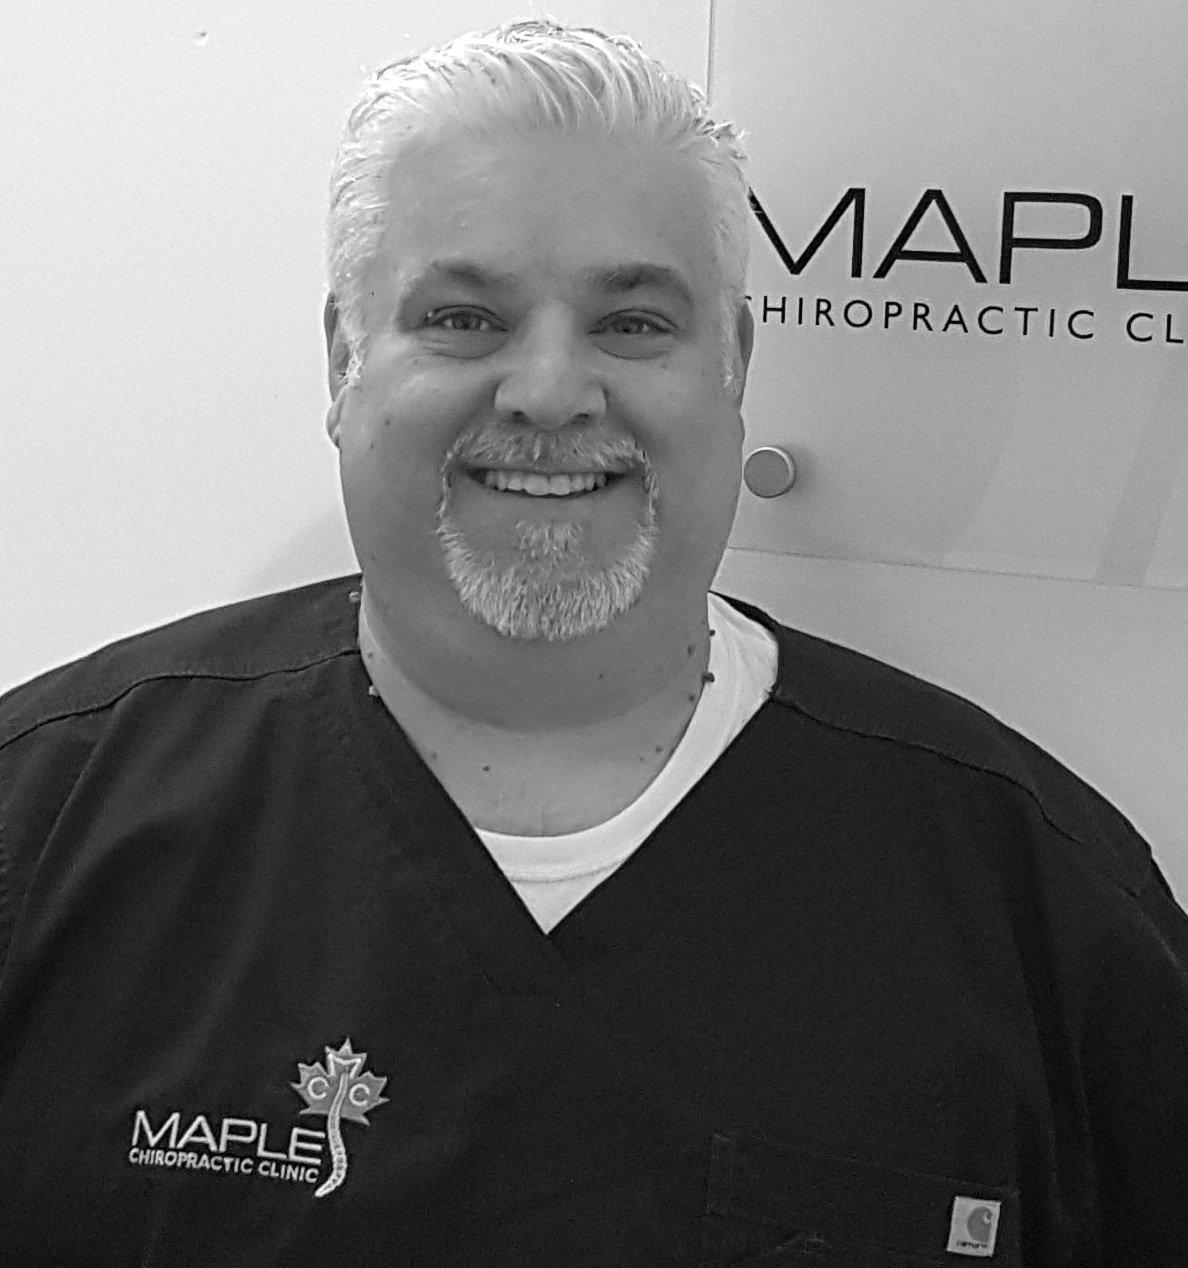 Ken, Maple Chiropractic Clinic, Stevenage